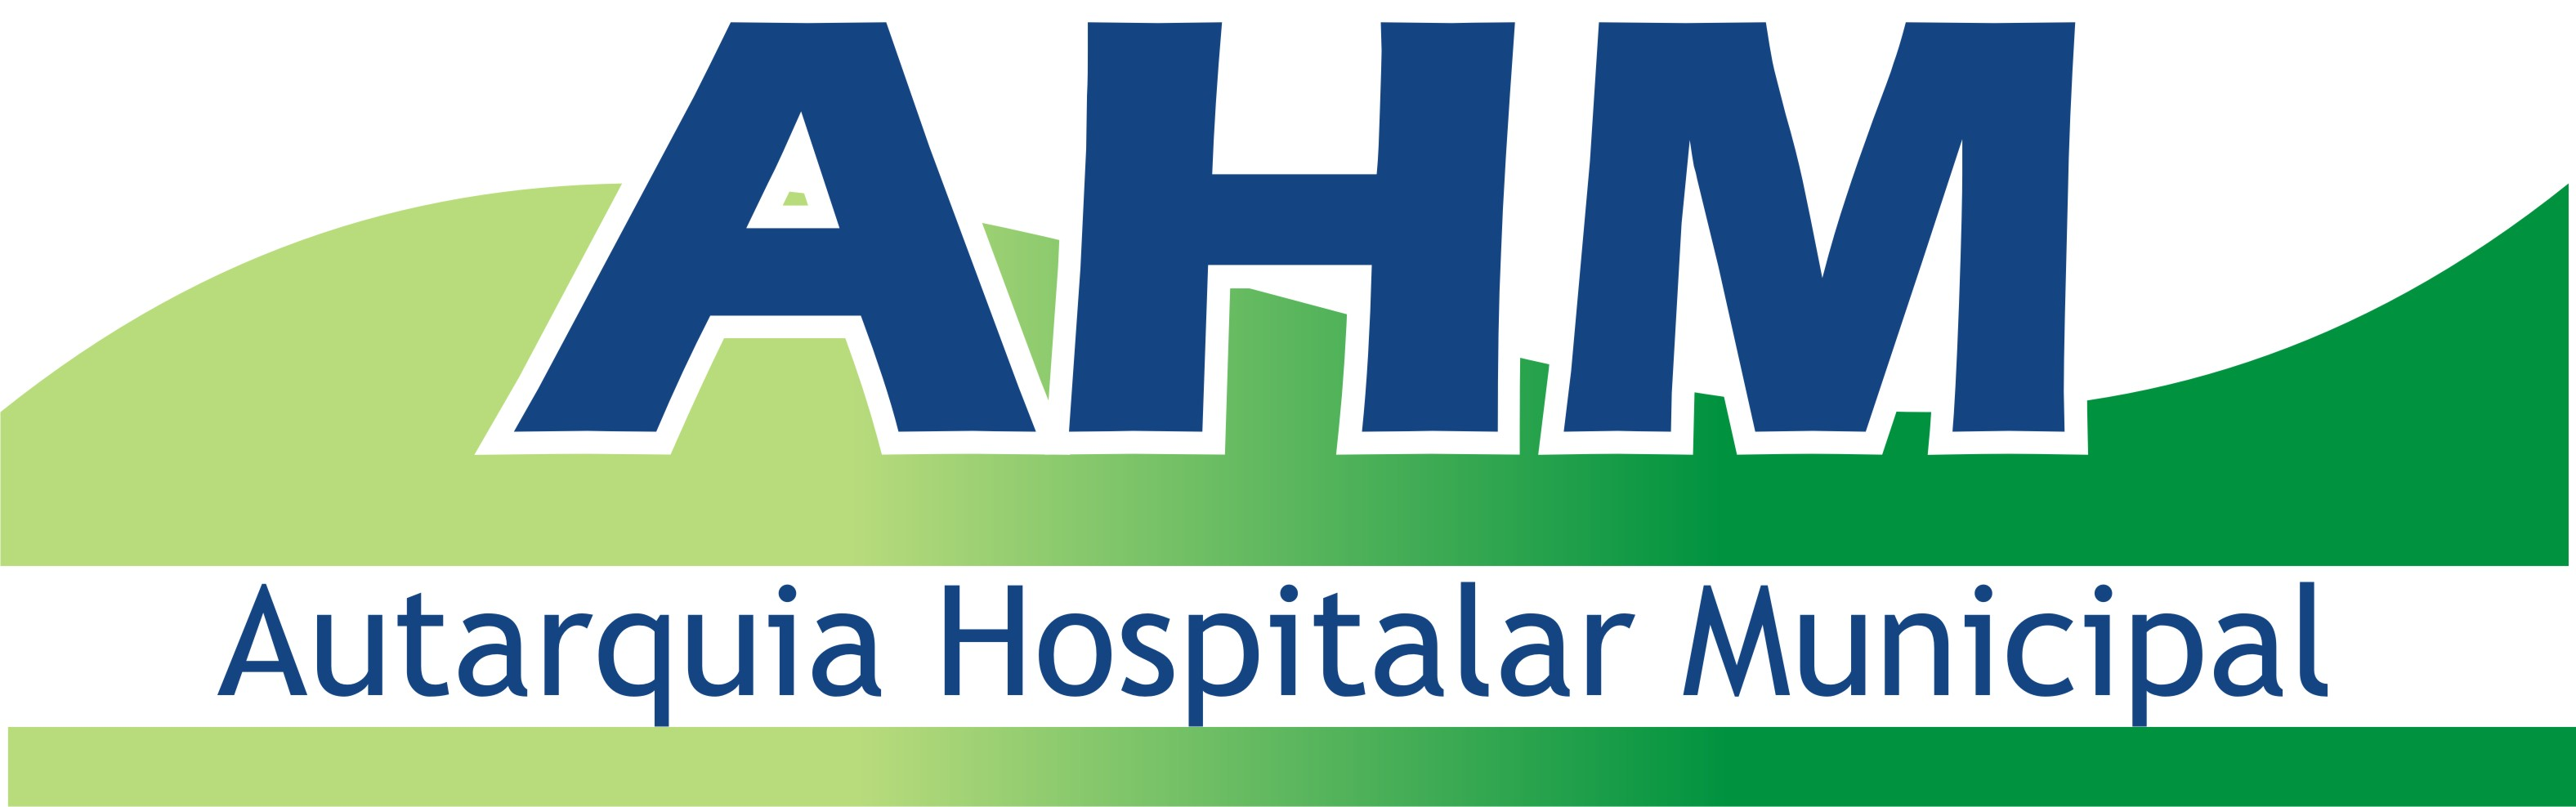 Concurso Autarquia Hospitalar de São Paulo 2014 – Vagas, Como Se Inscrever, Edital